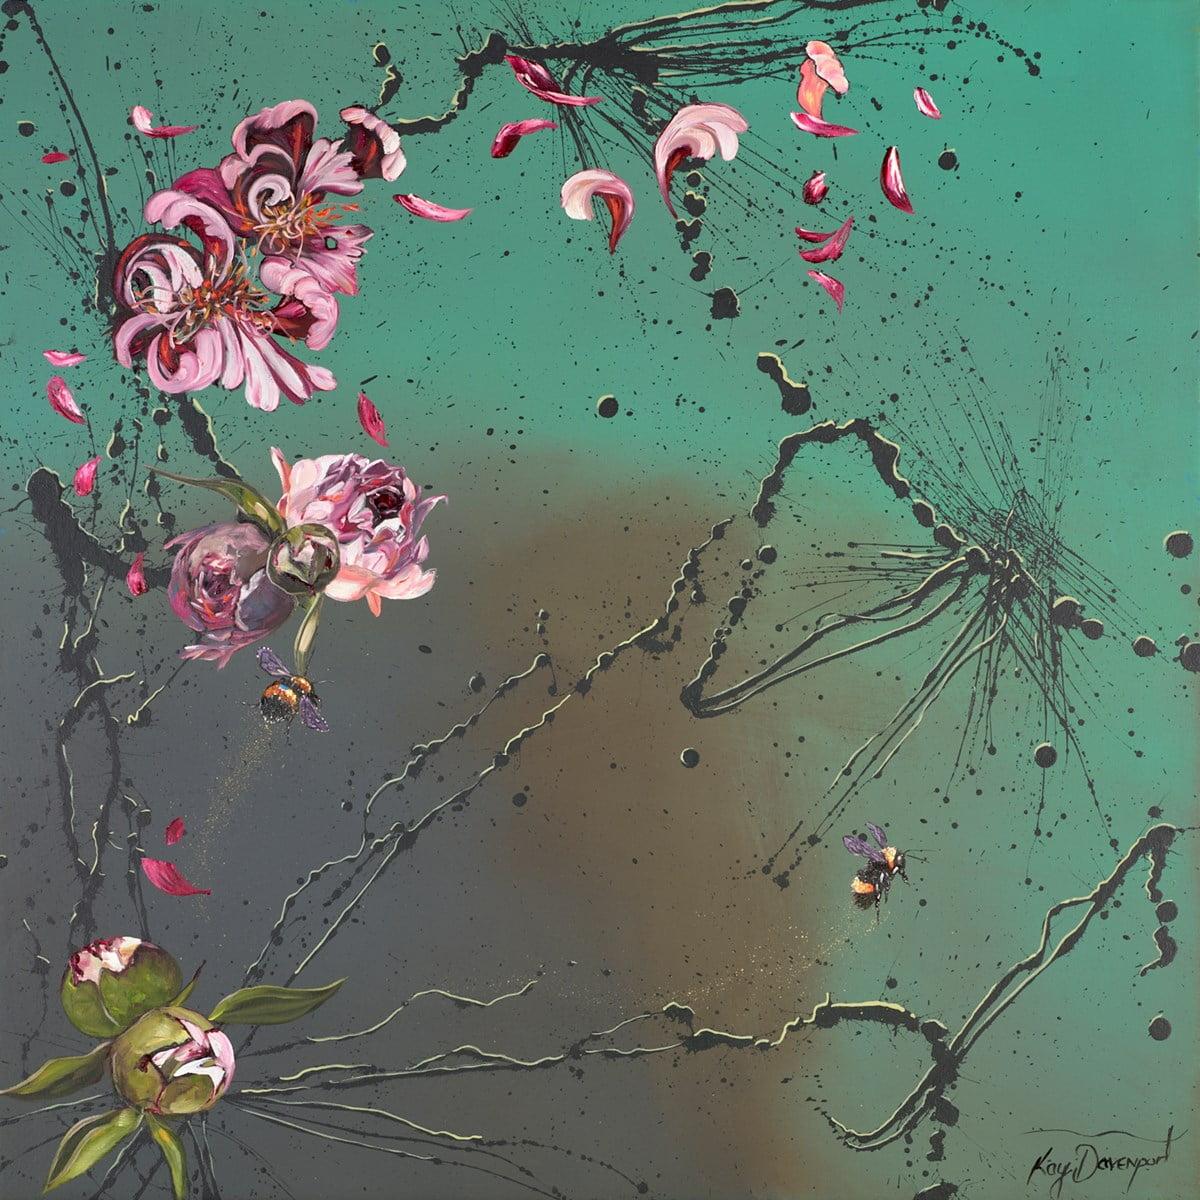 Flower Days ~ Kay Davenport